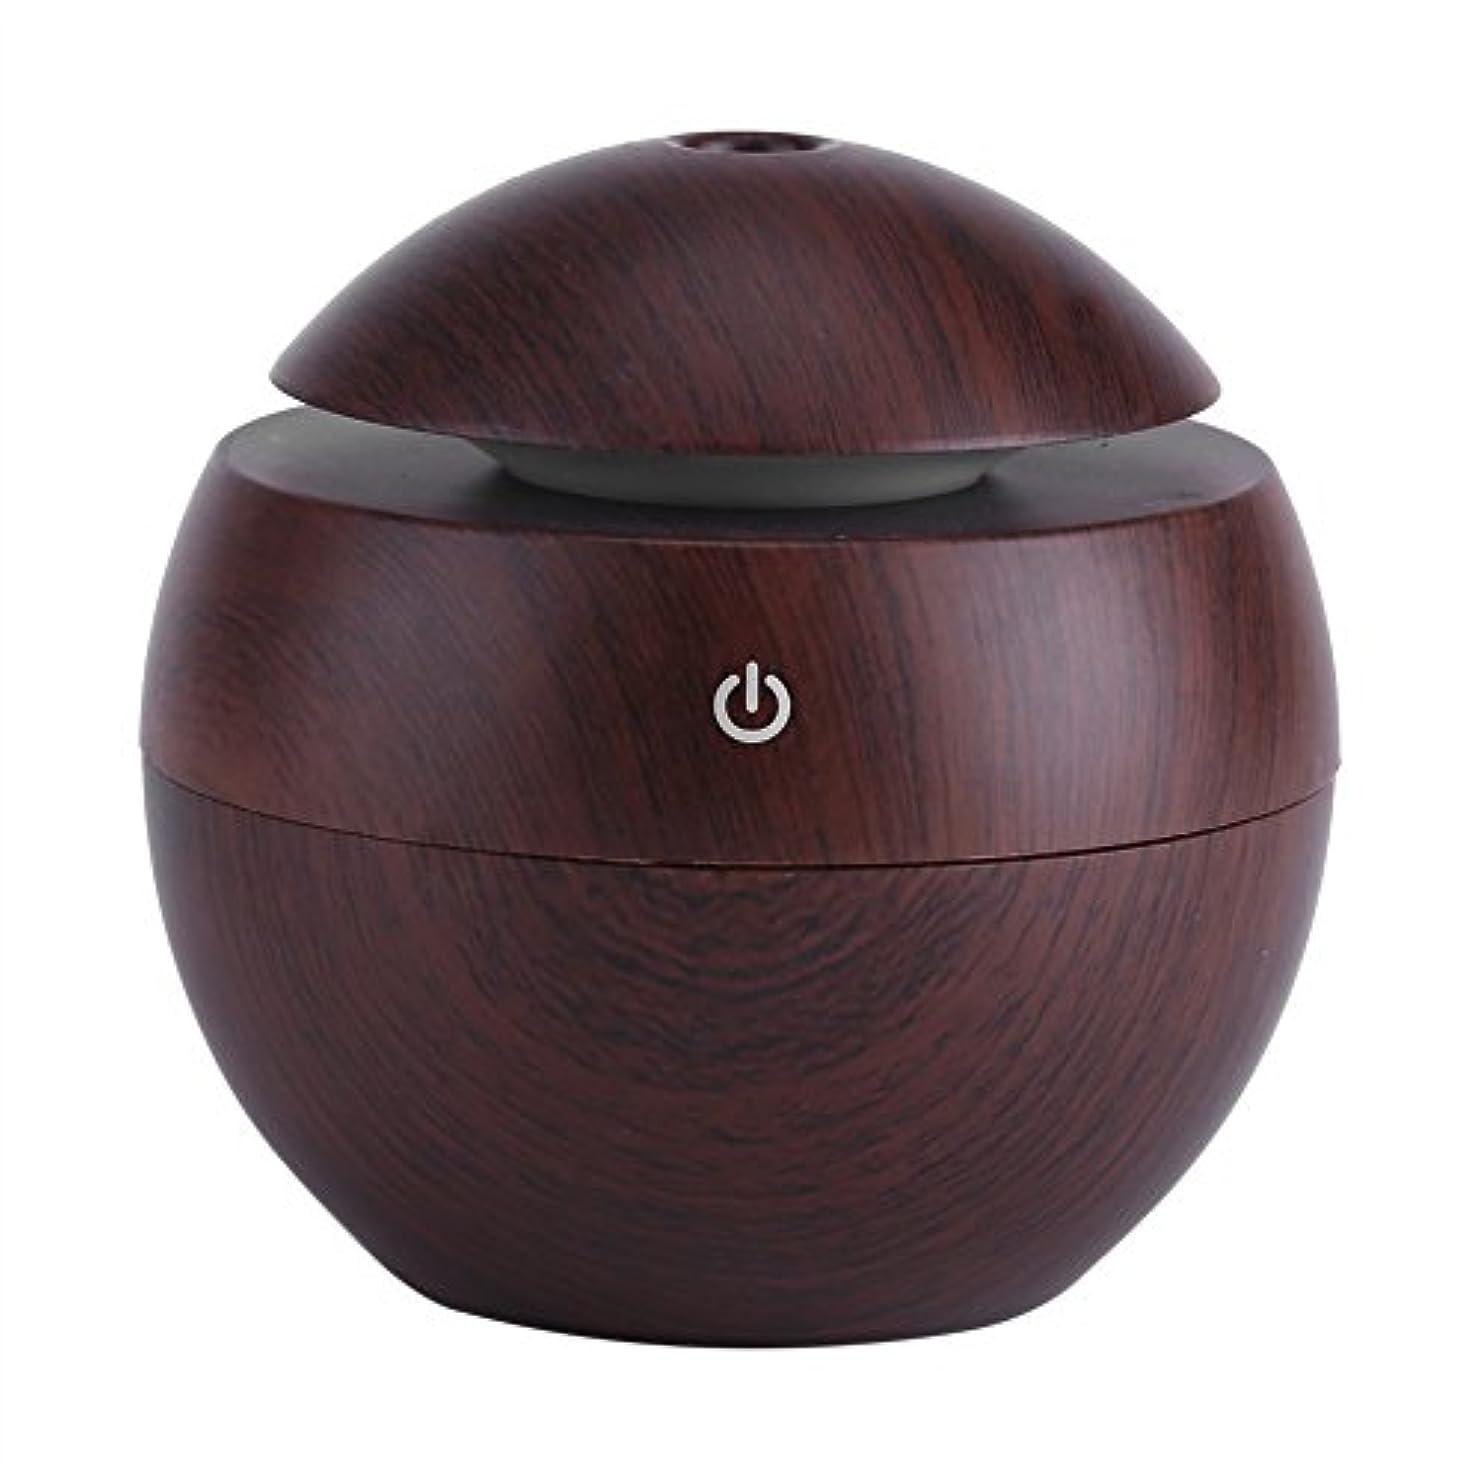 キャストバズ第二に空気清浄器、USBの必要なLEDの接触香りの超音波加湿器オイルの拡散器の空気清浄器(褐色)